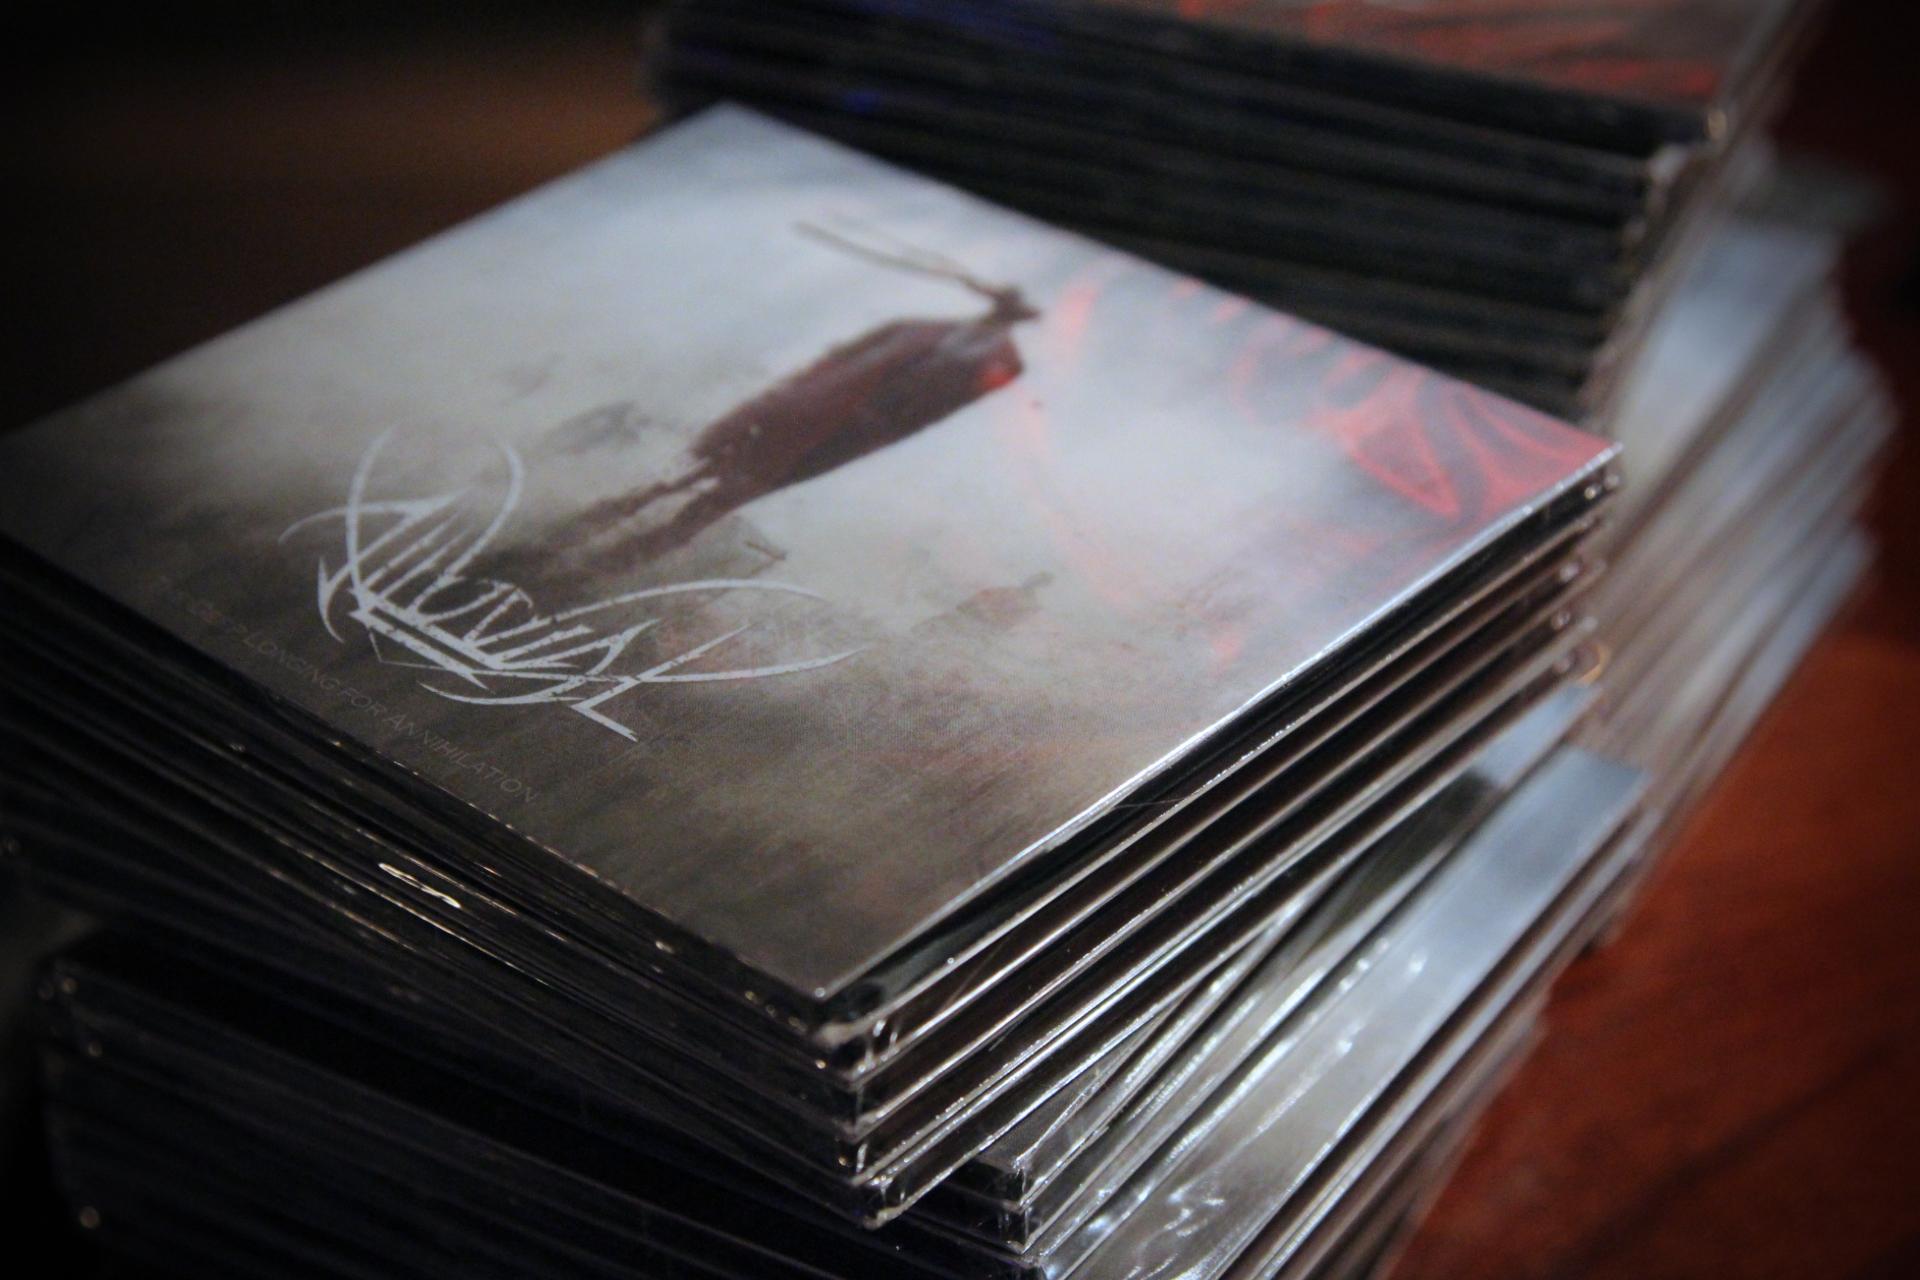 Alluvial Album